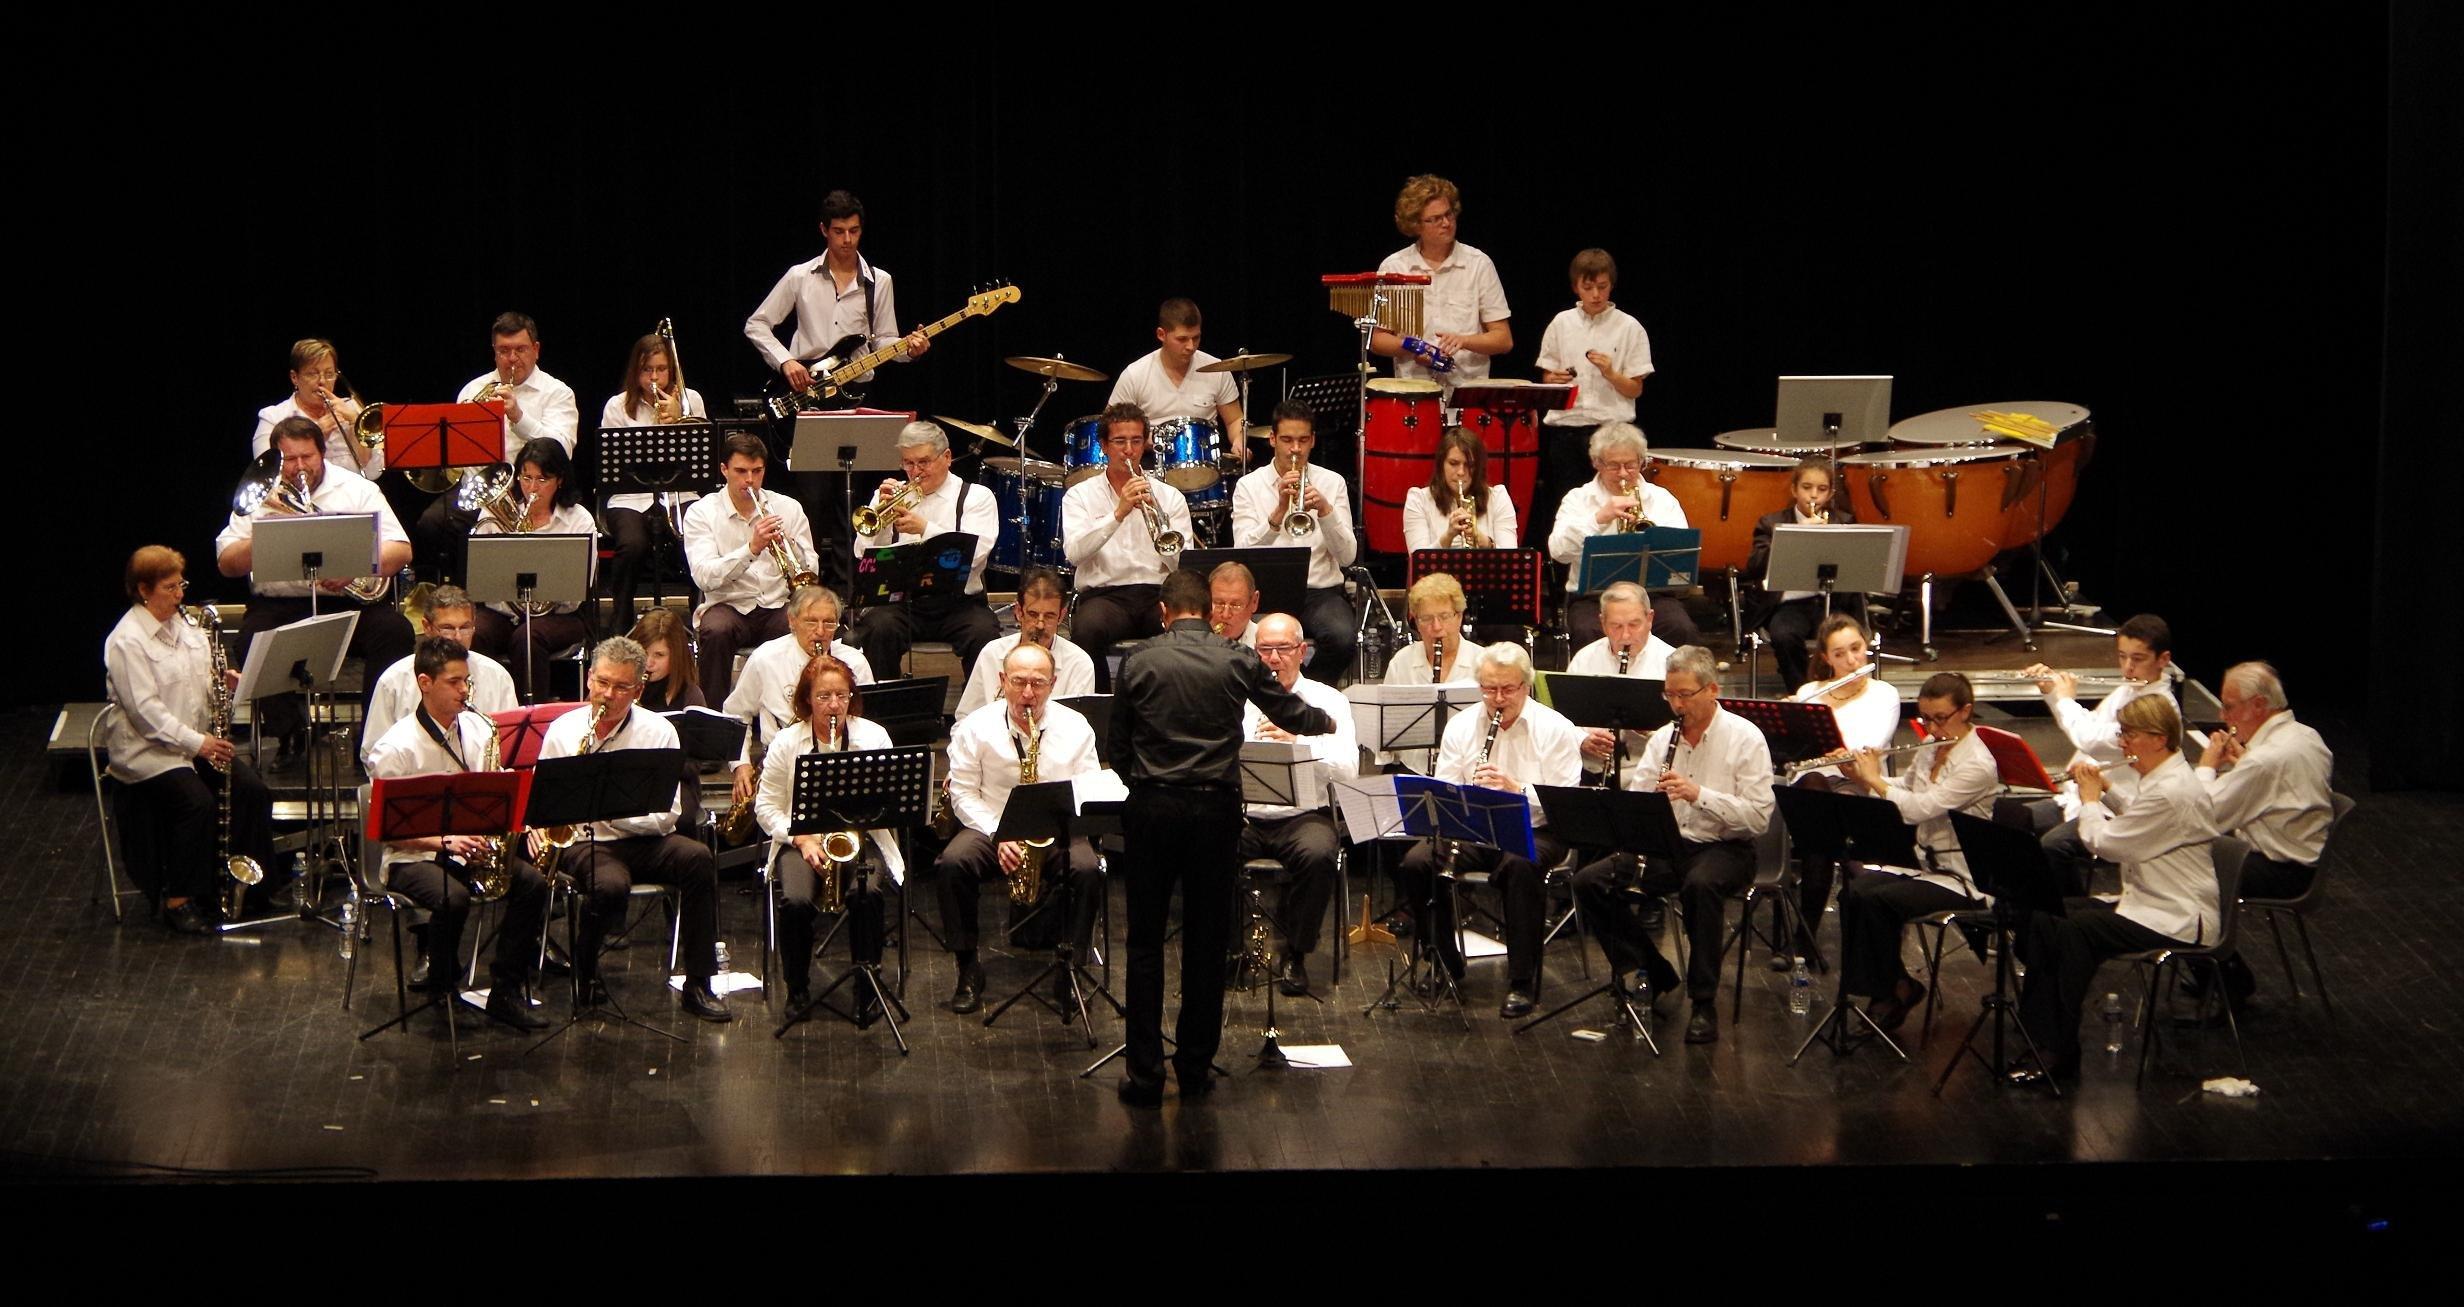 L'orchestre d'harmonie de petite Camargue vous souhaite la bienvenue! imgp0959